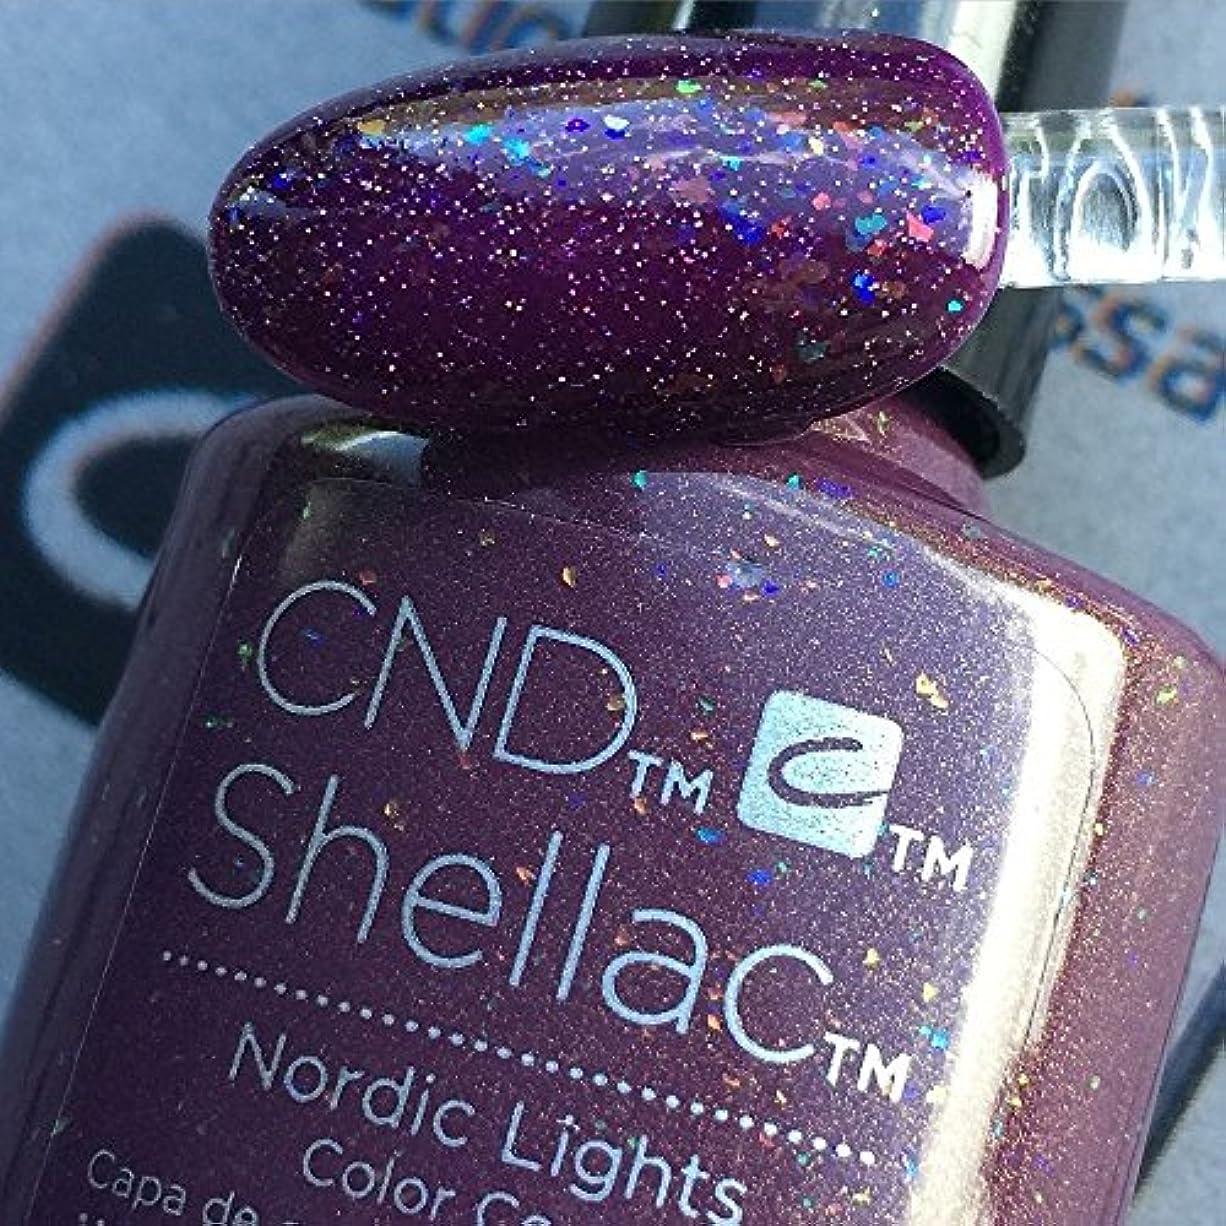 辞任従順なCND シェラック UV カラーコート 211 ノルディックライト Nordic Lights 7.3ml